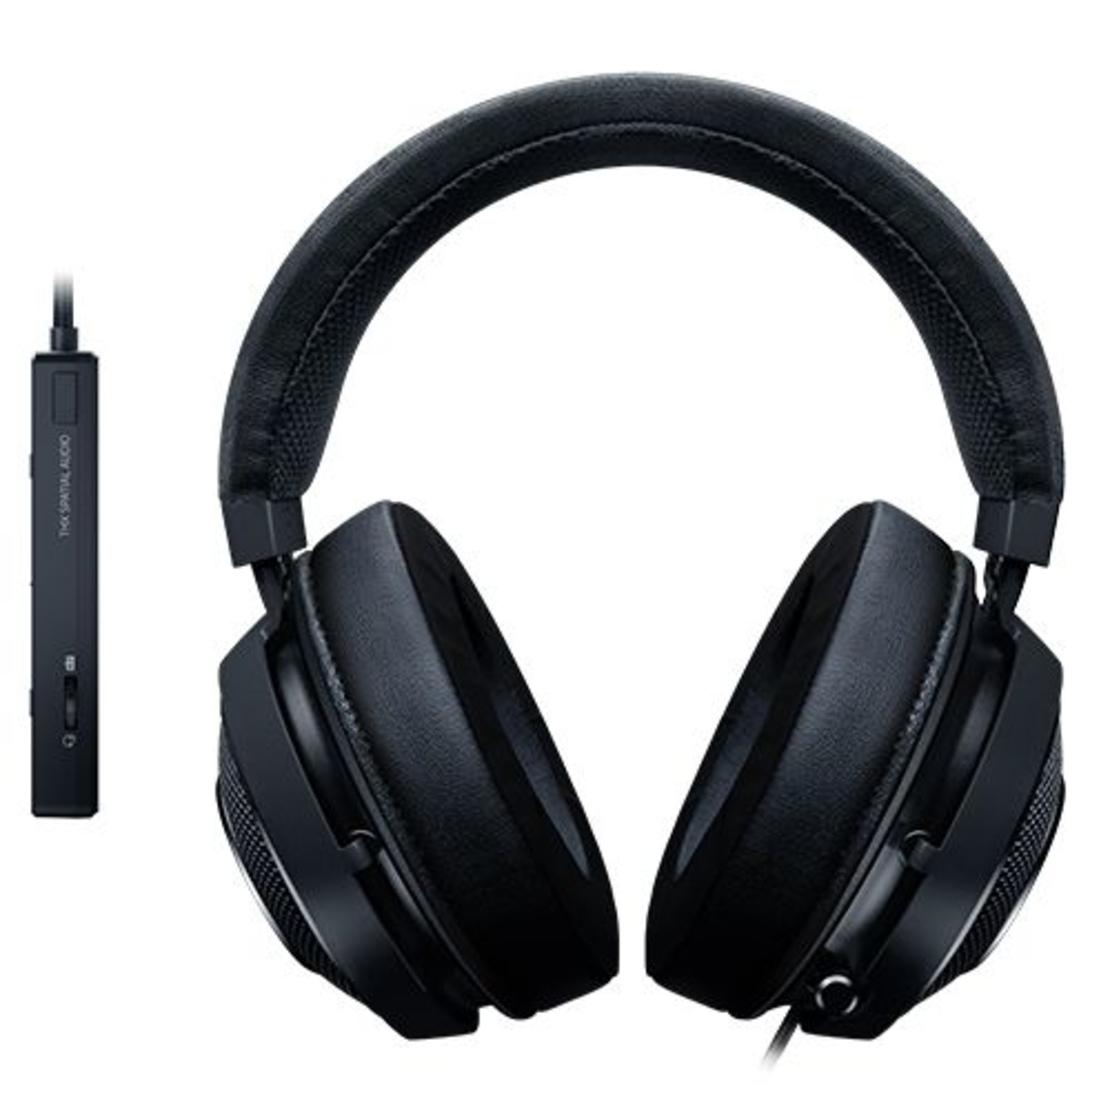 אוזניות גיימינג RAZER Kraken tournament שחור